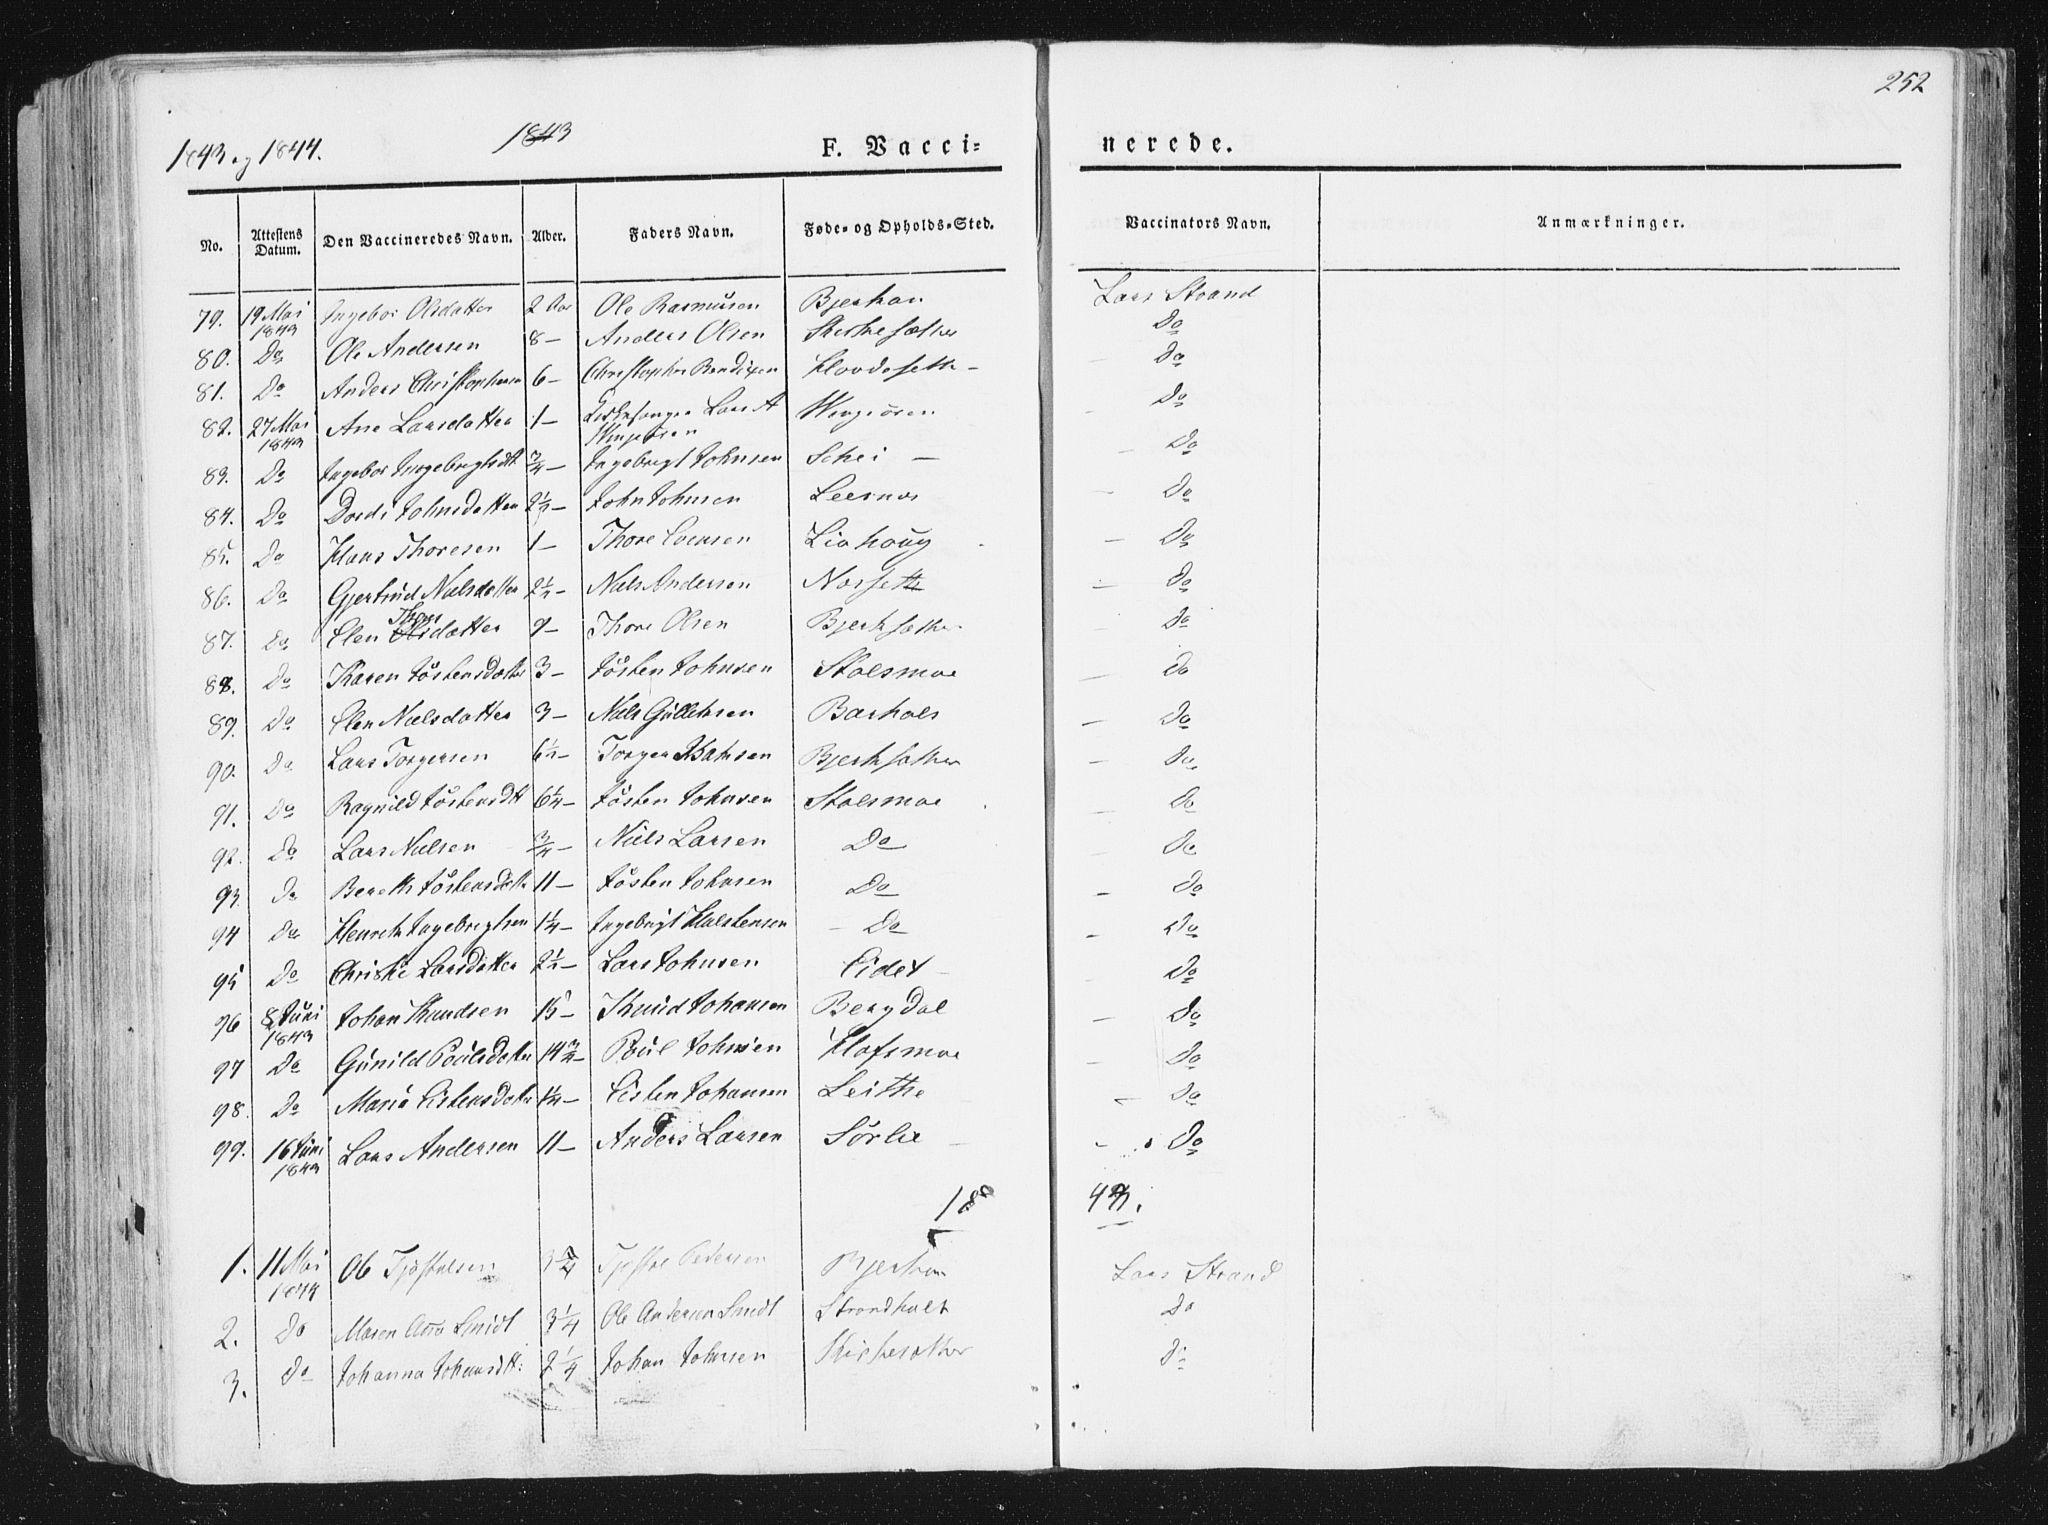 SAT, Ministerialprotokoller, klokkerbøker og fødselsregistre - Sør-Trøndelag, 630/L0493: Ministerialbok nr. 630A06, 1841-1851, s. 252